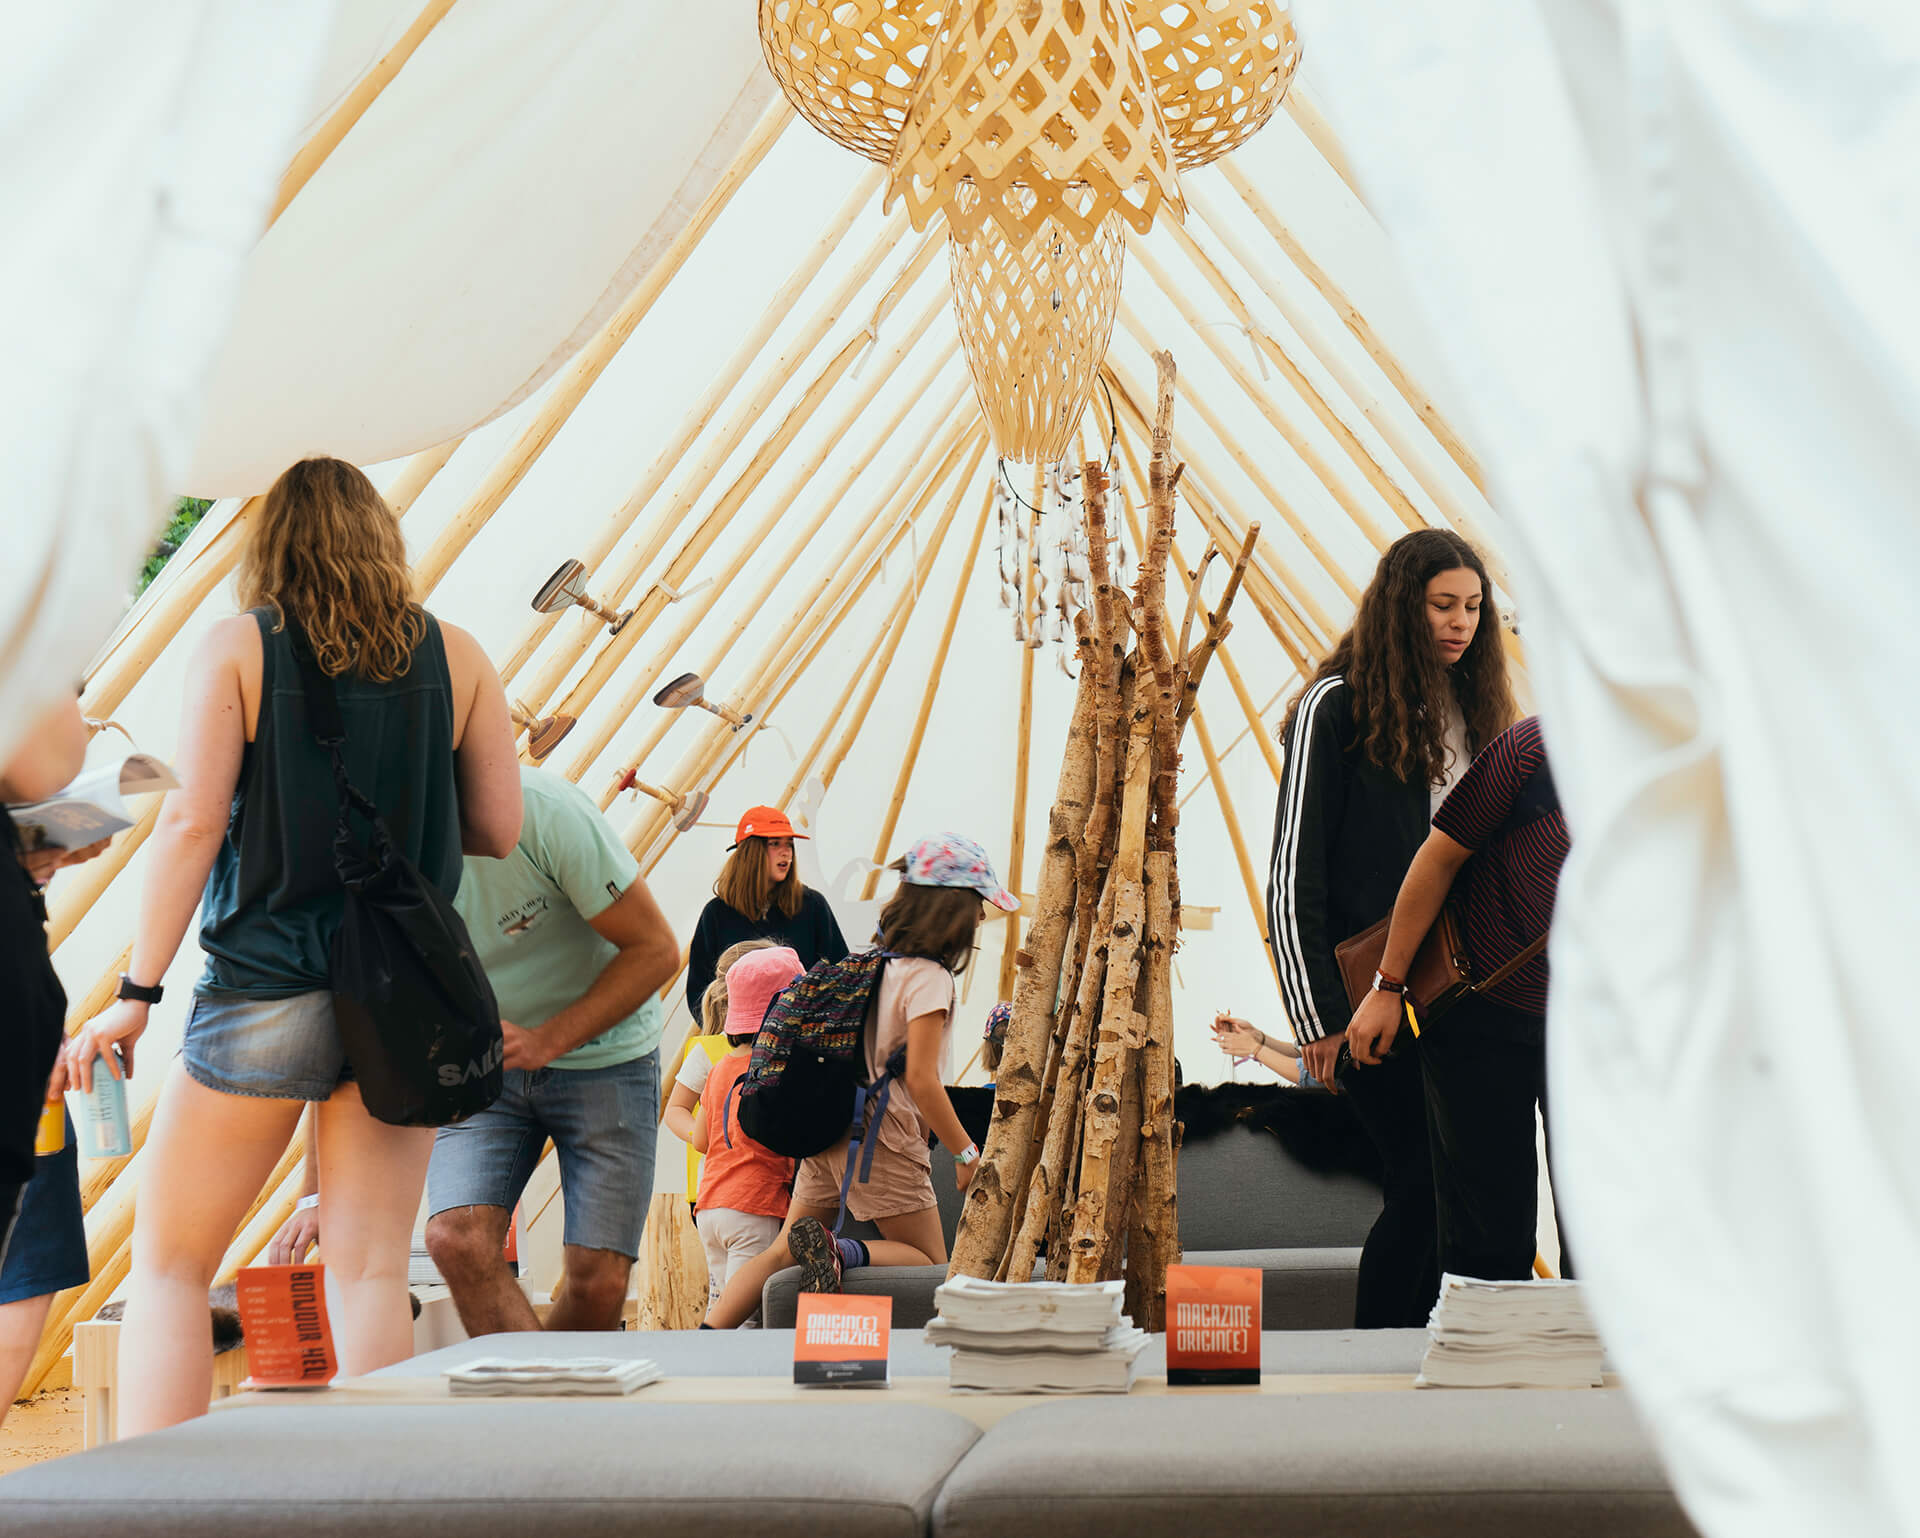 Identité visuelle |Intérieur de la tente de Tourisme Autochtone Québec au Festival Beside 2019 |TAQ